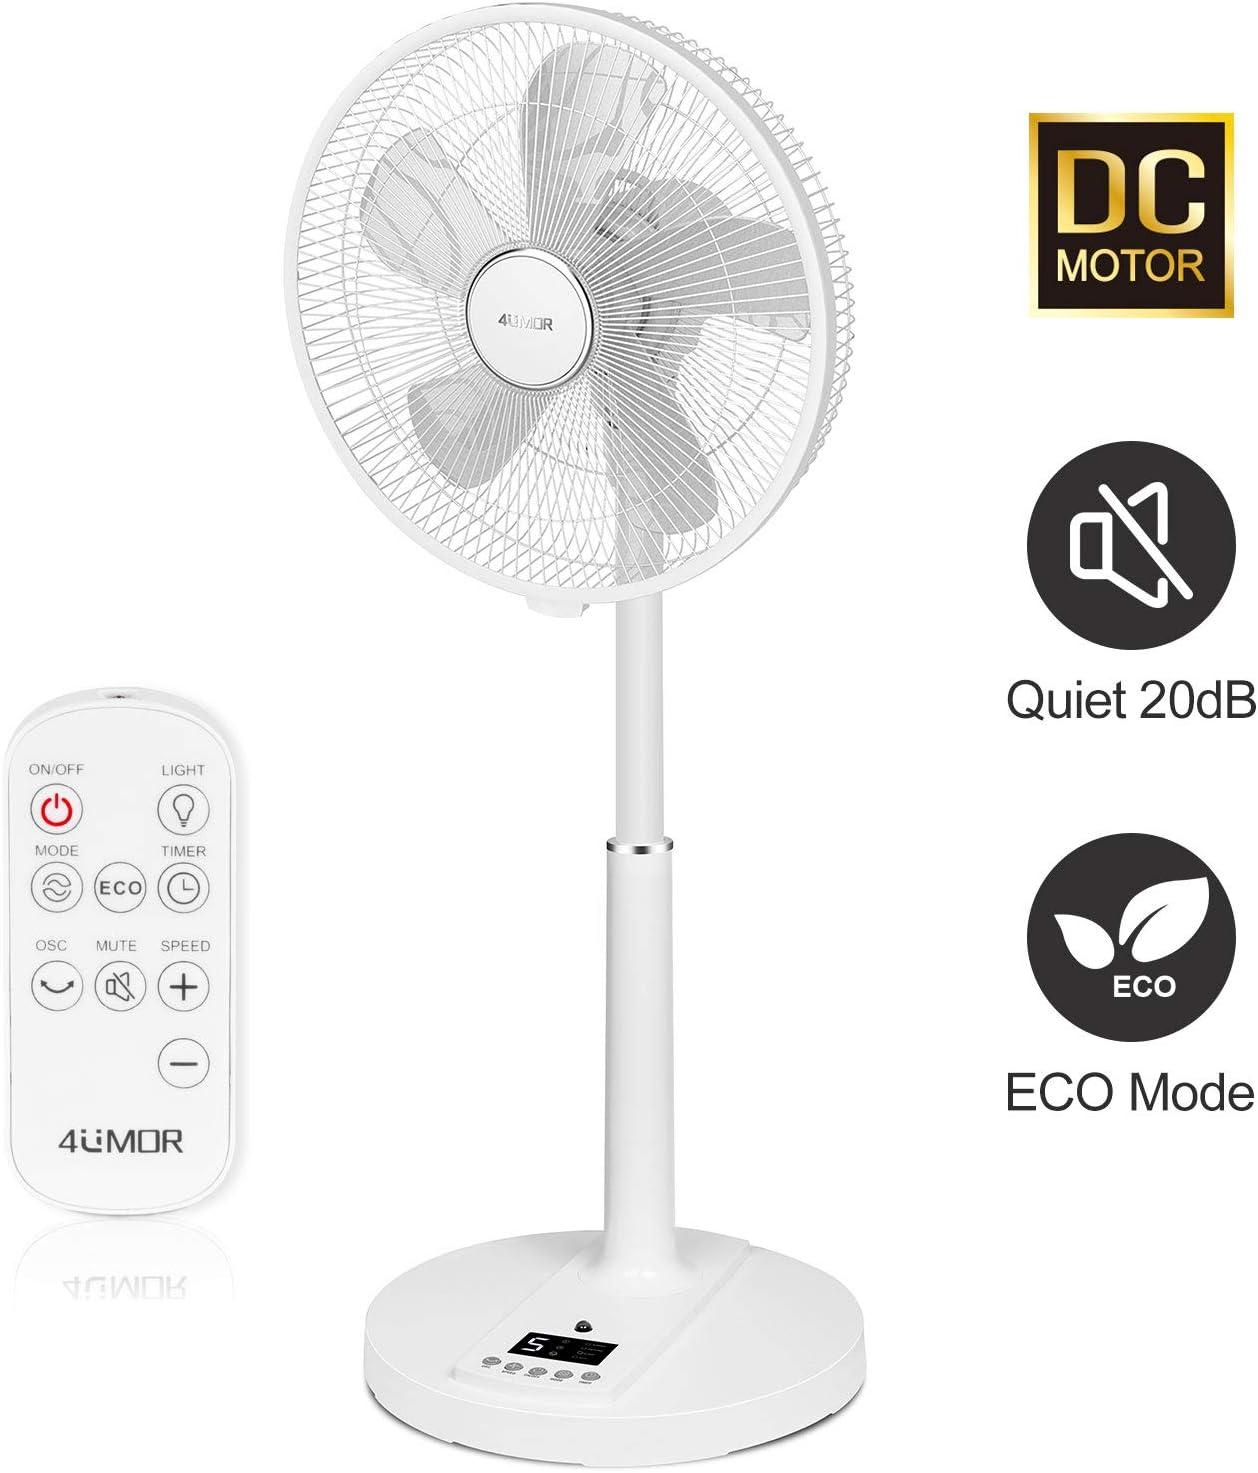 4UMOR Ventilador de Pie Silencioso con Control Remoto, Ventilador Blanco para Mesa, 9 Velocidades, 4 Modos, 24W con Temporizador